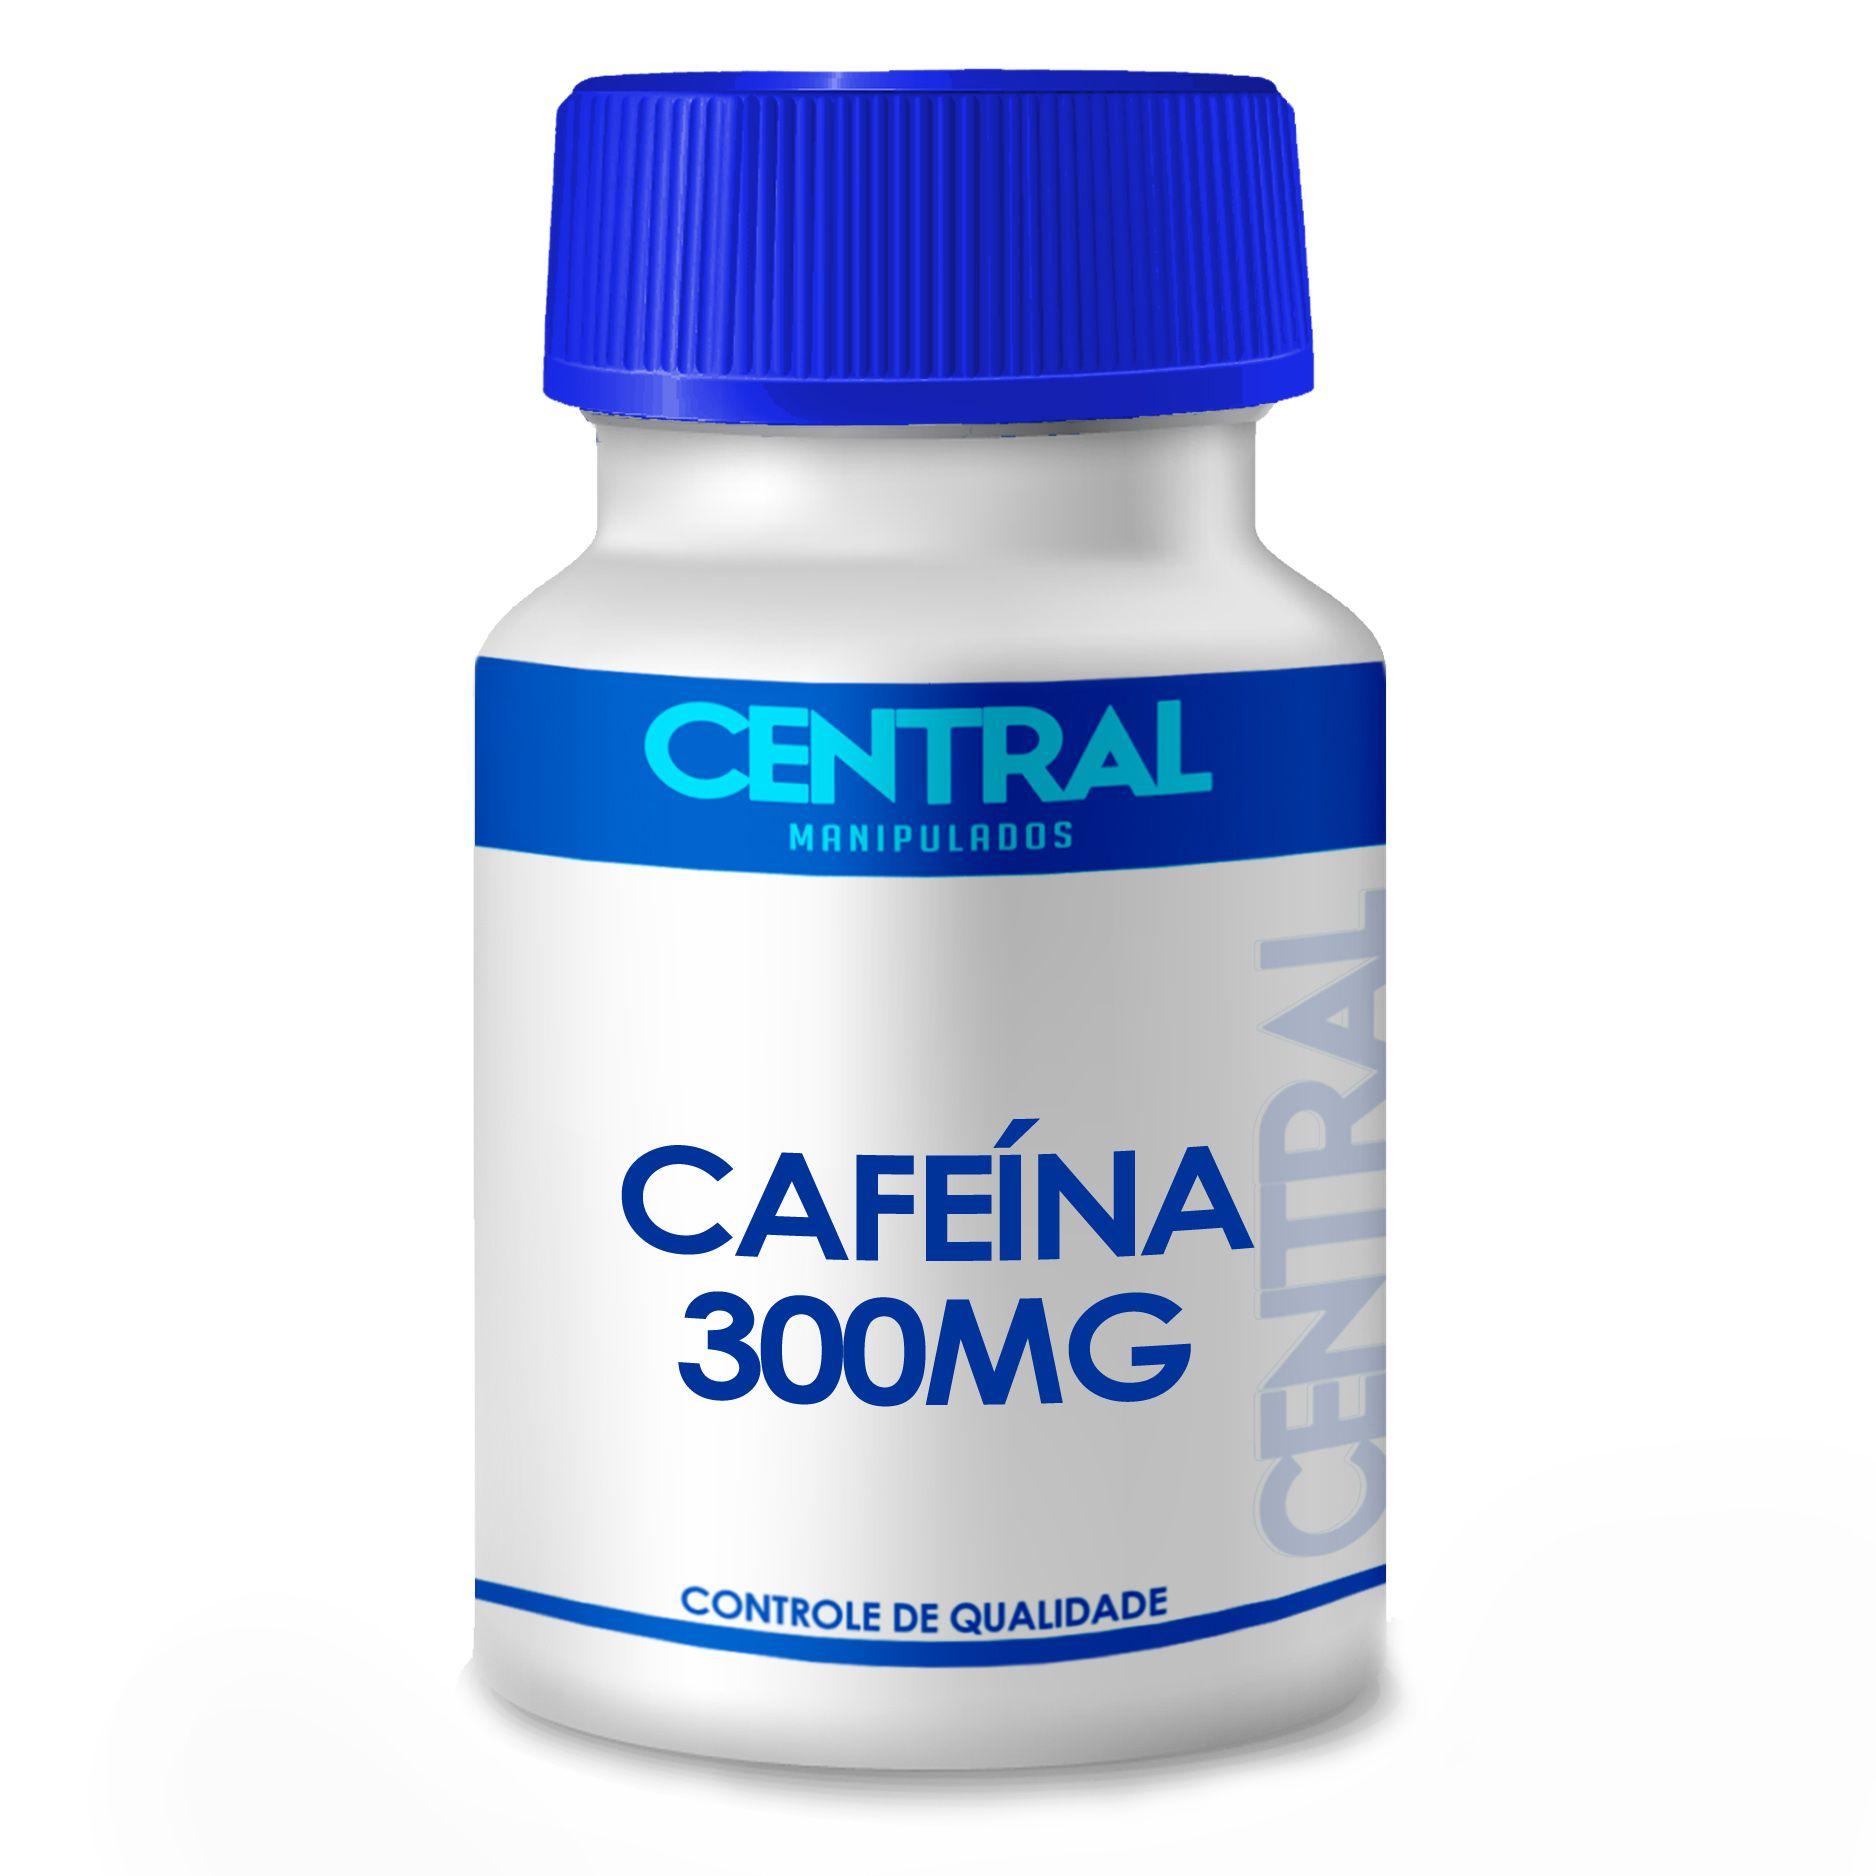 Cafeína 300mg